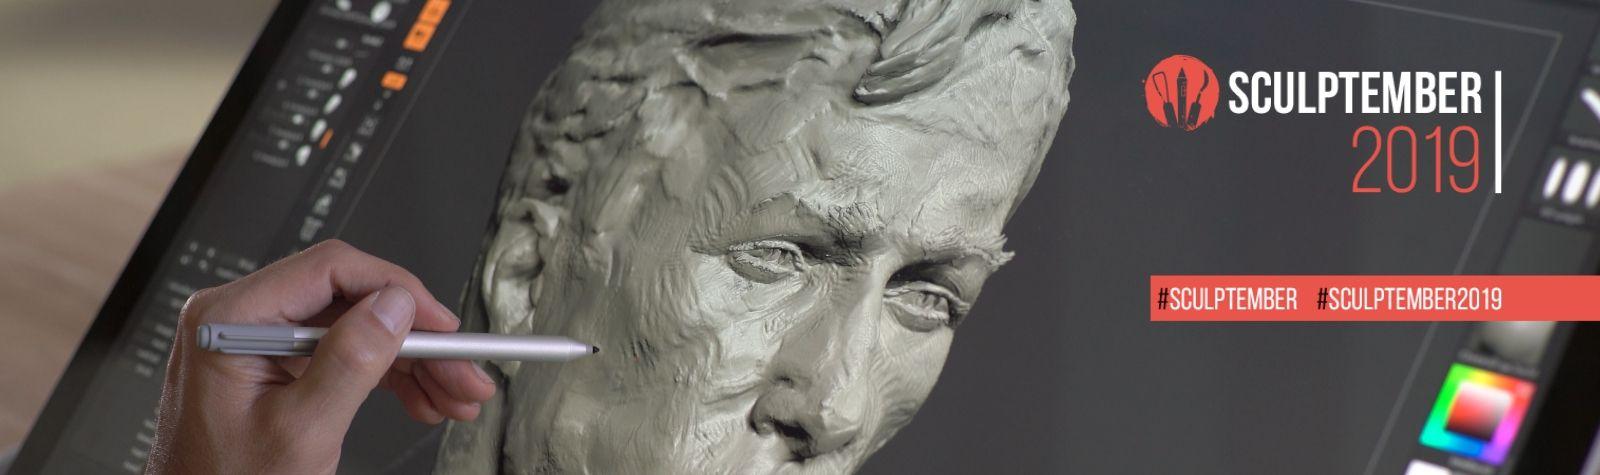 Sculptember 2019